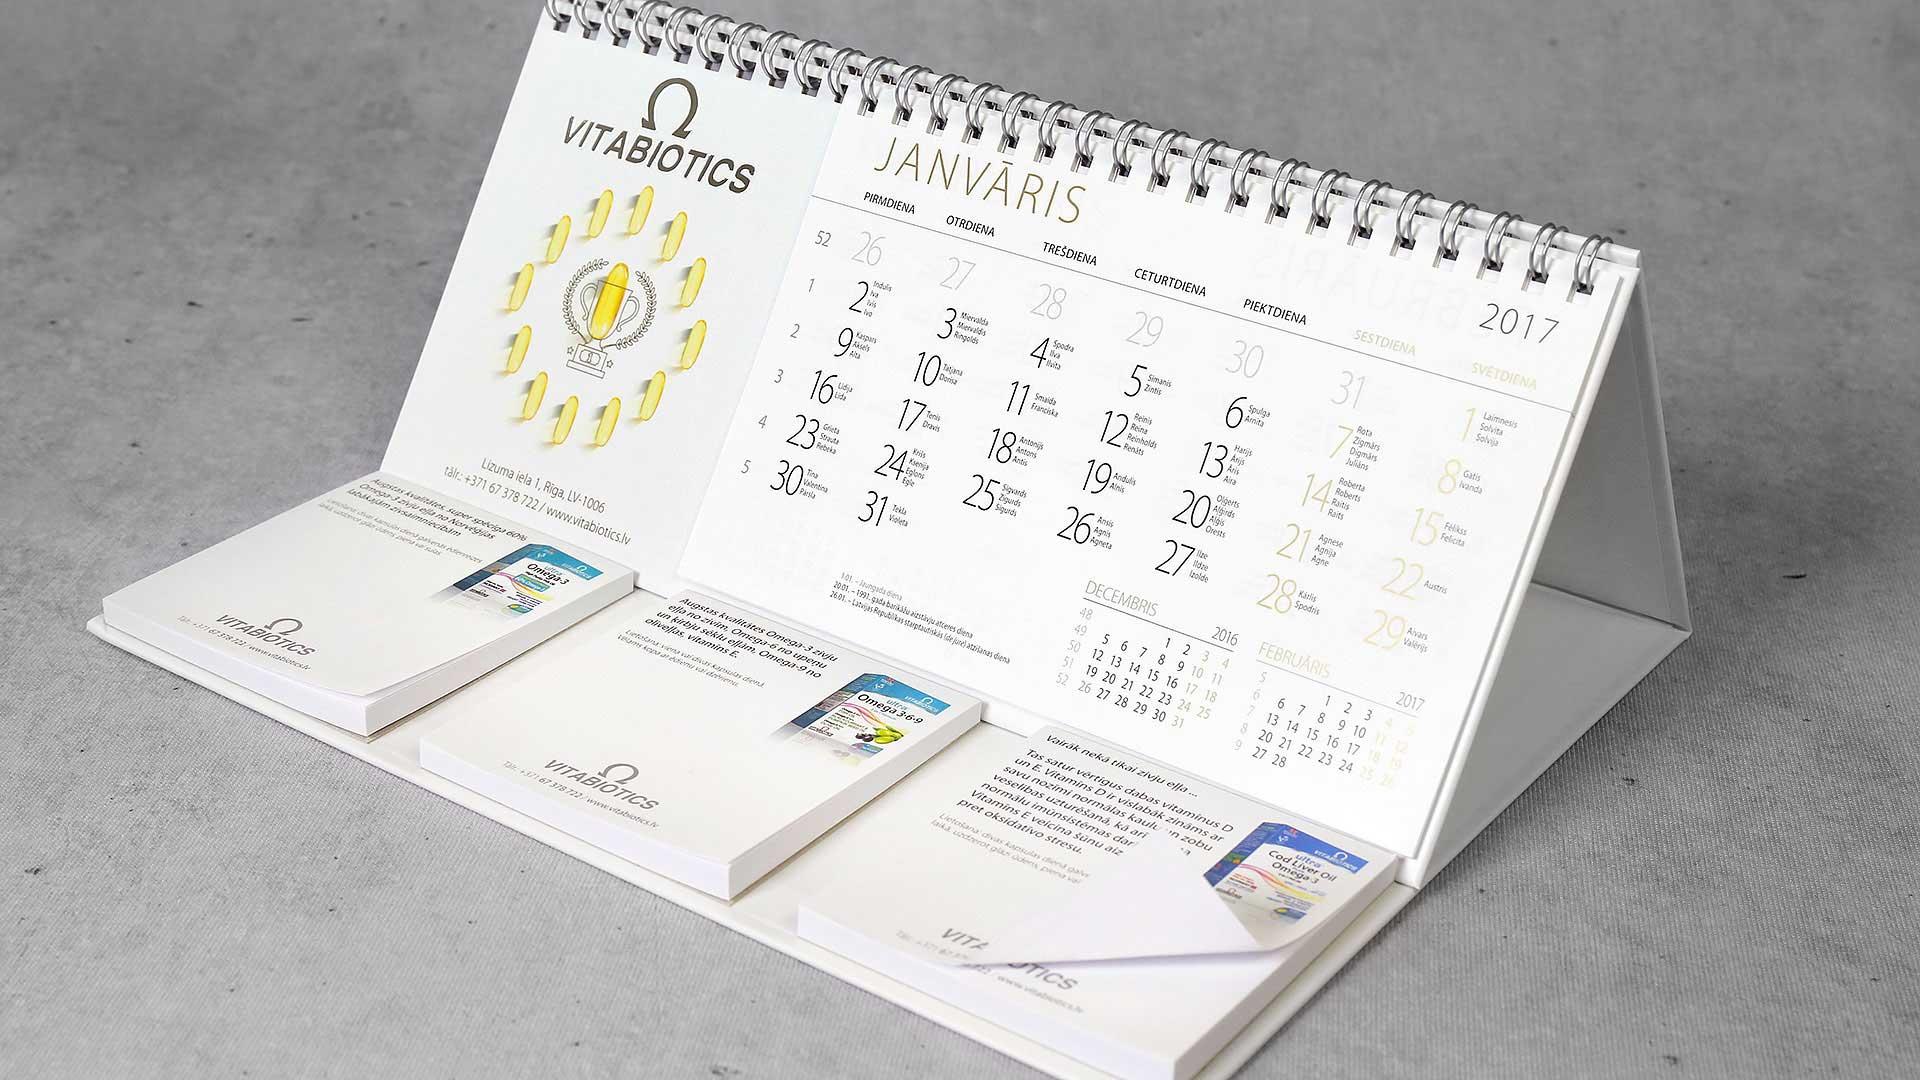 Galda kalendāri VItabiotics